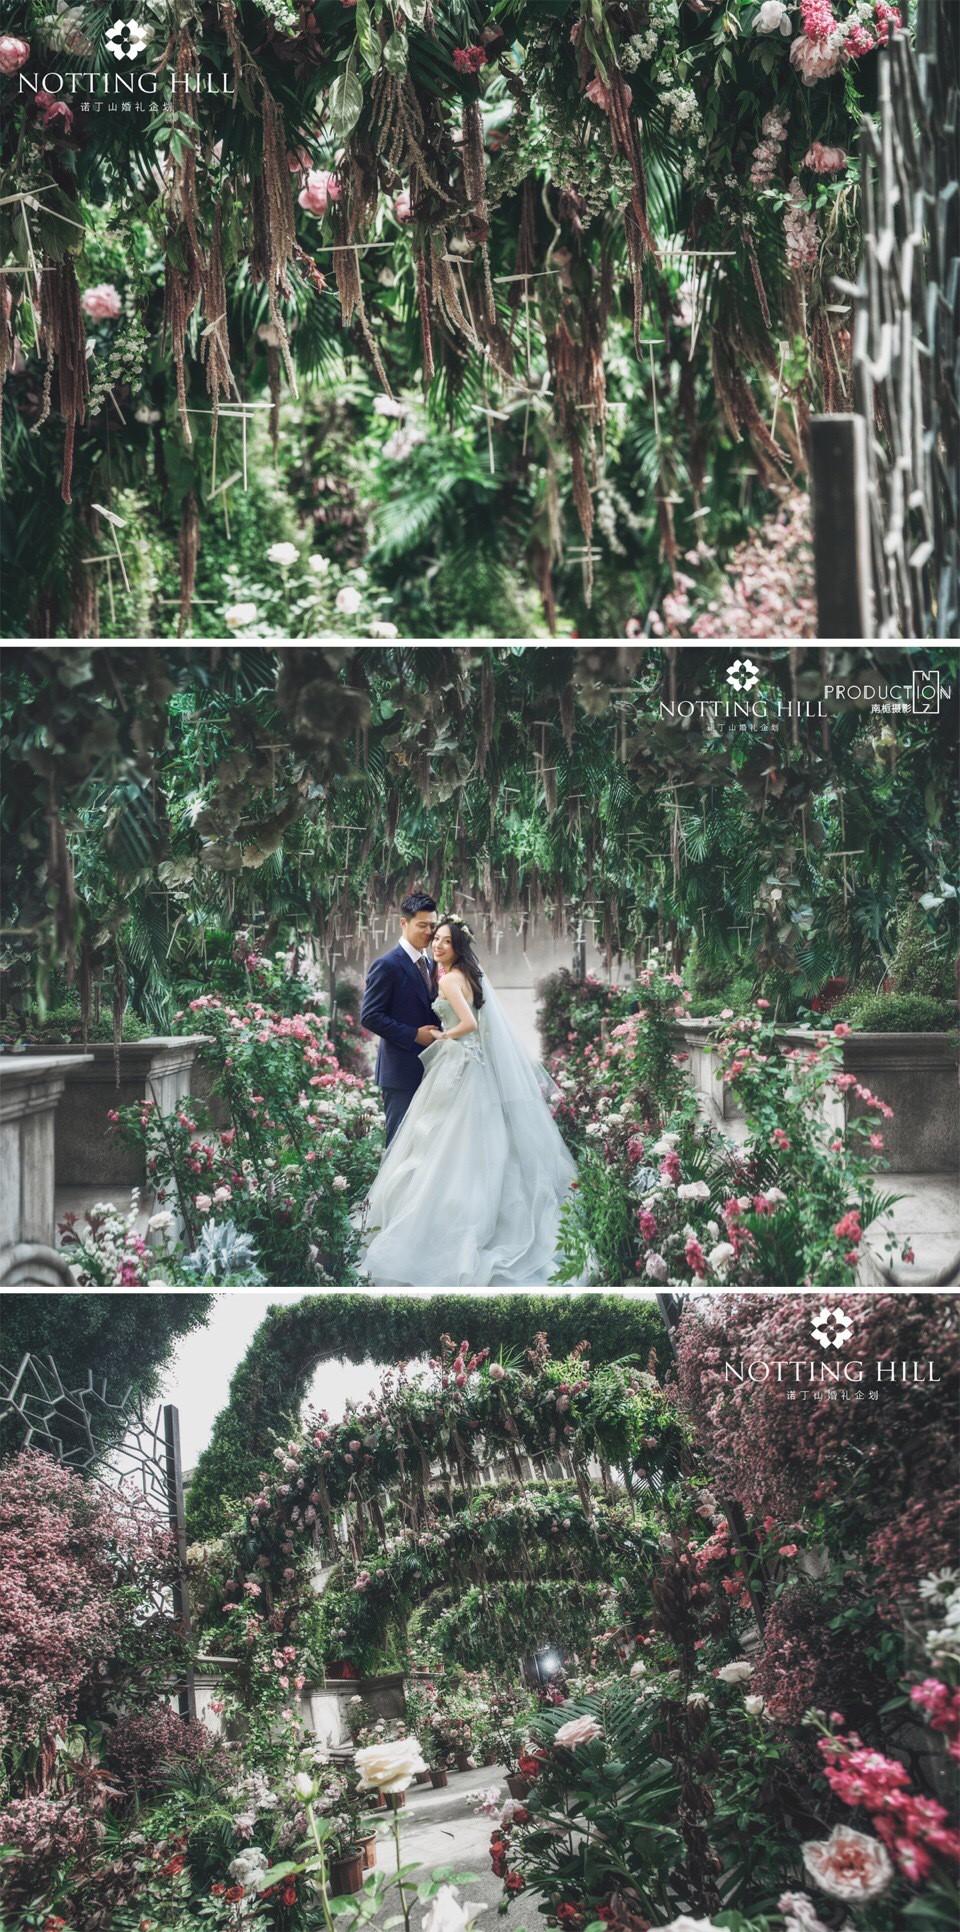 Câu chuyện ngôn tình và đám cưới như mơ của mỹ nữ được mệnh danh là chị đẹp trên Tik Tok Trung Quốc - Ảnh 17.